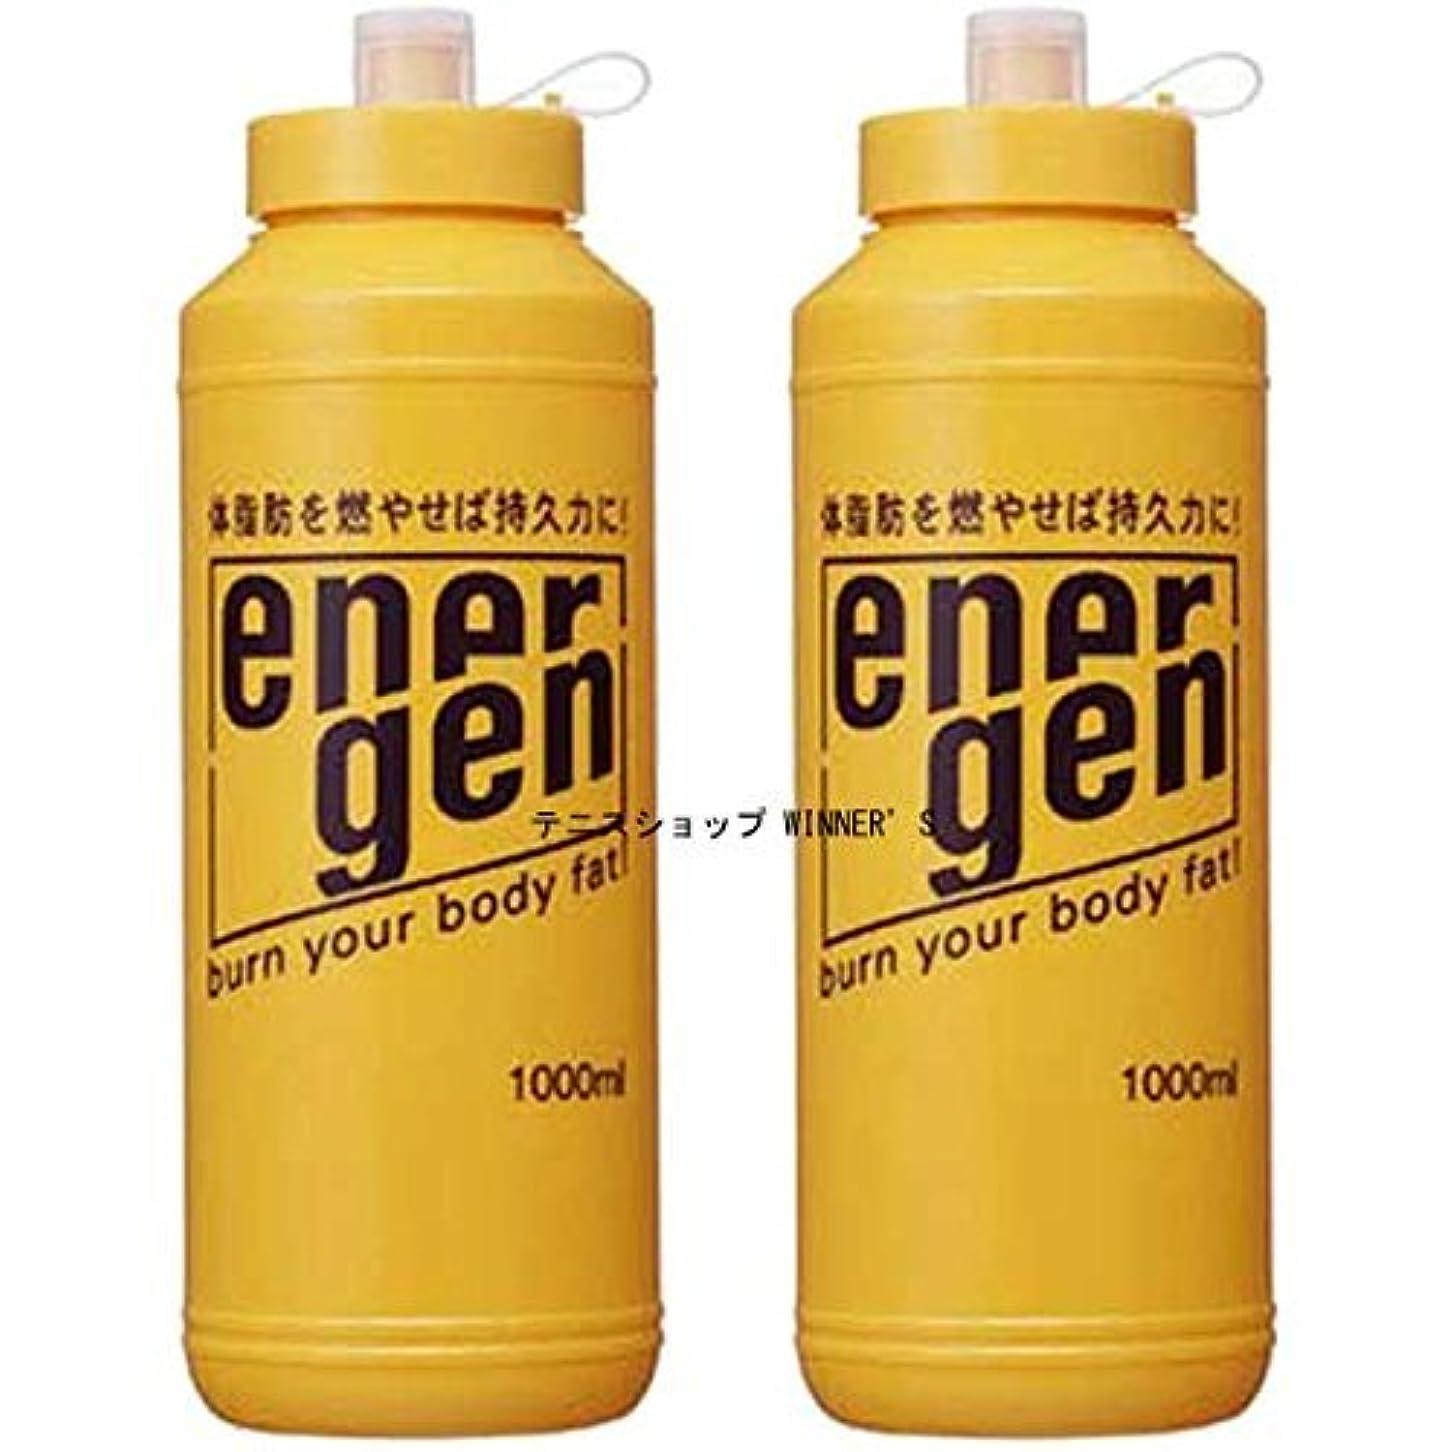 違法ボイドフィールド大塚製薬 エネルゲン スクイズボトル 1L用×2本 2本セット 55651-2SET